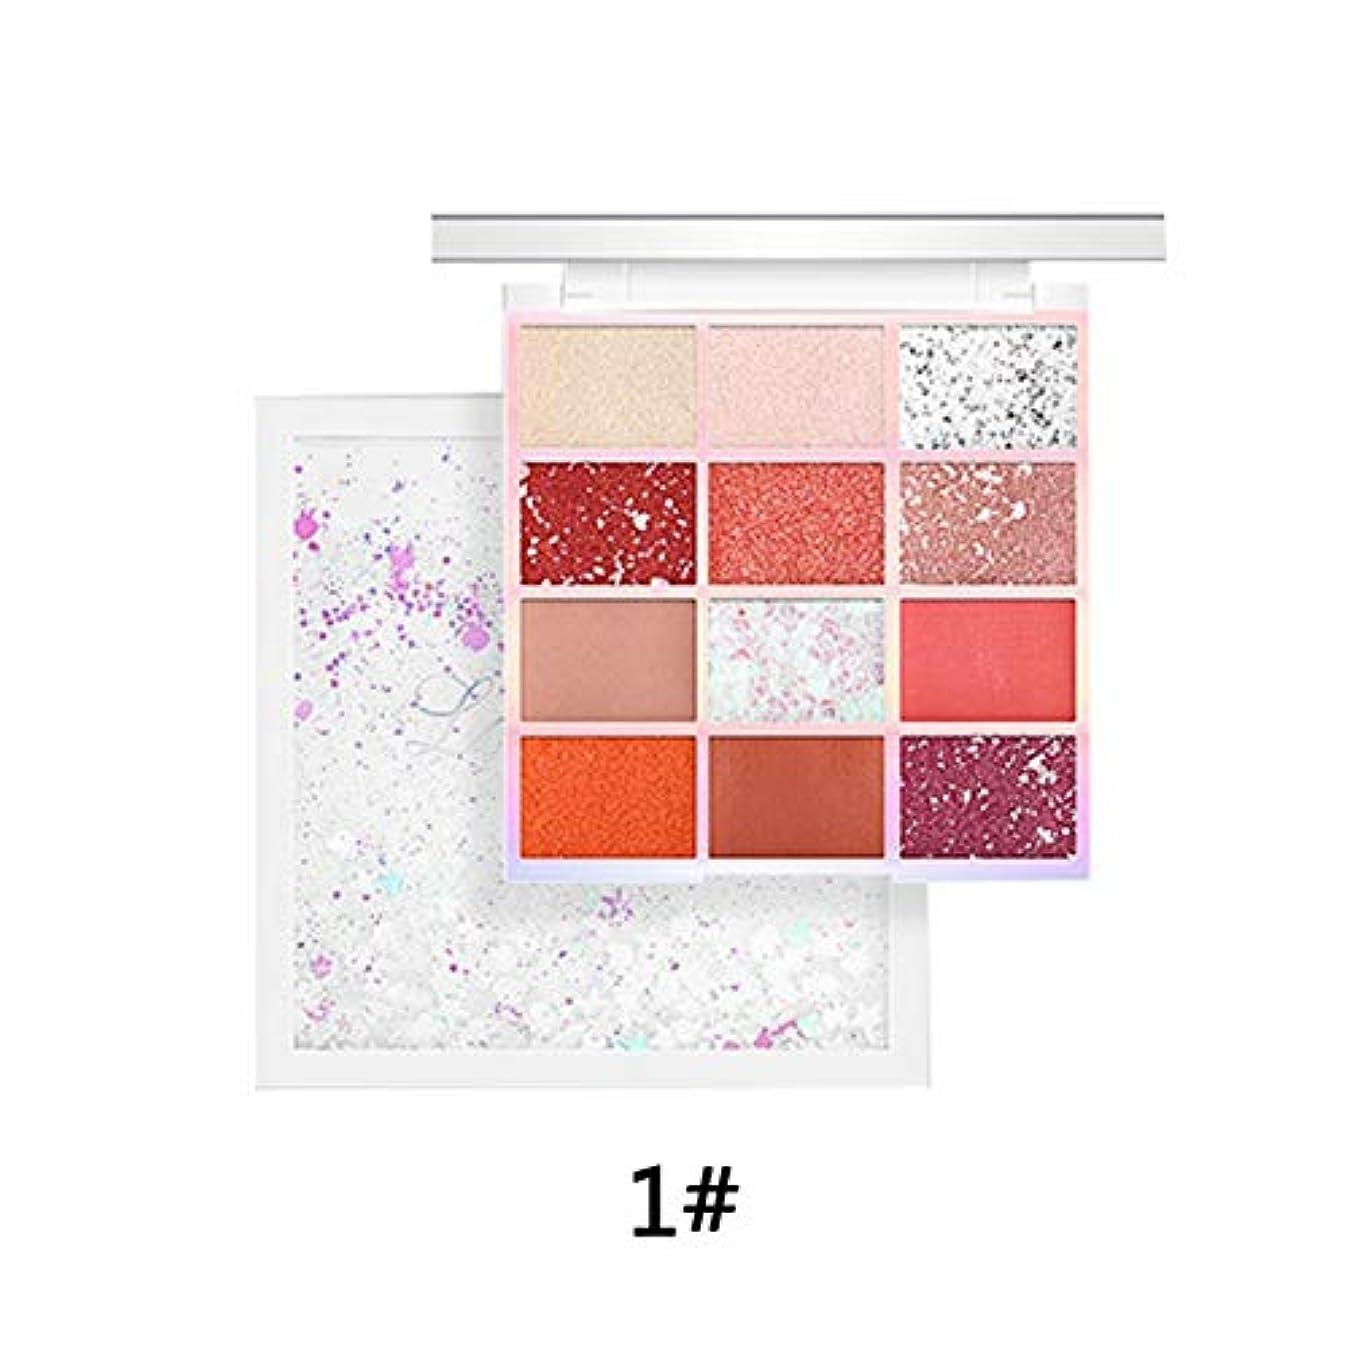 言い直すグラムディプロマ12色 璀璨 星 流砂 アイシャドウ アイシャドウパレット マット スパンコール ラスティング キラキラ 美容 アイ化粧品 Cutelove